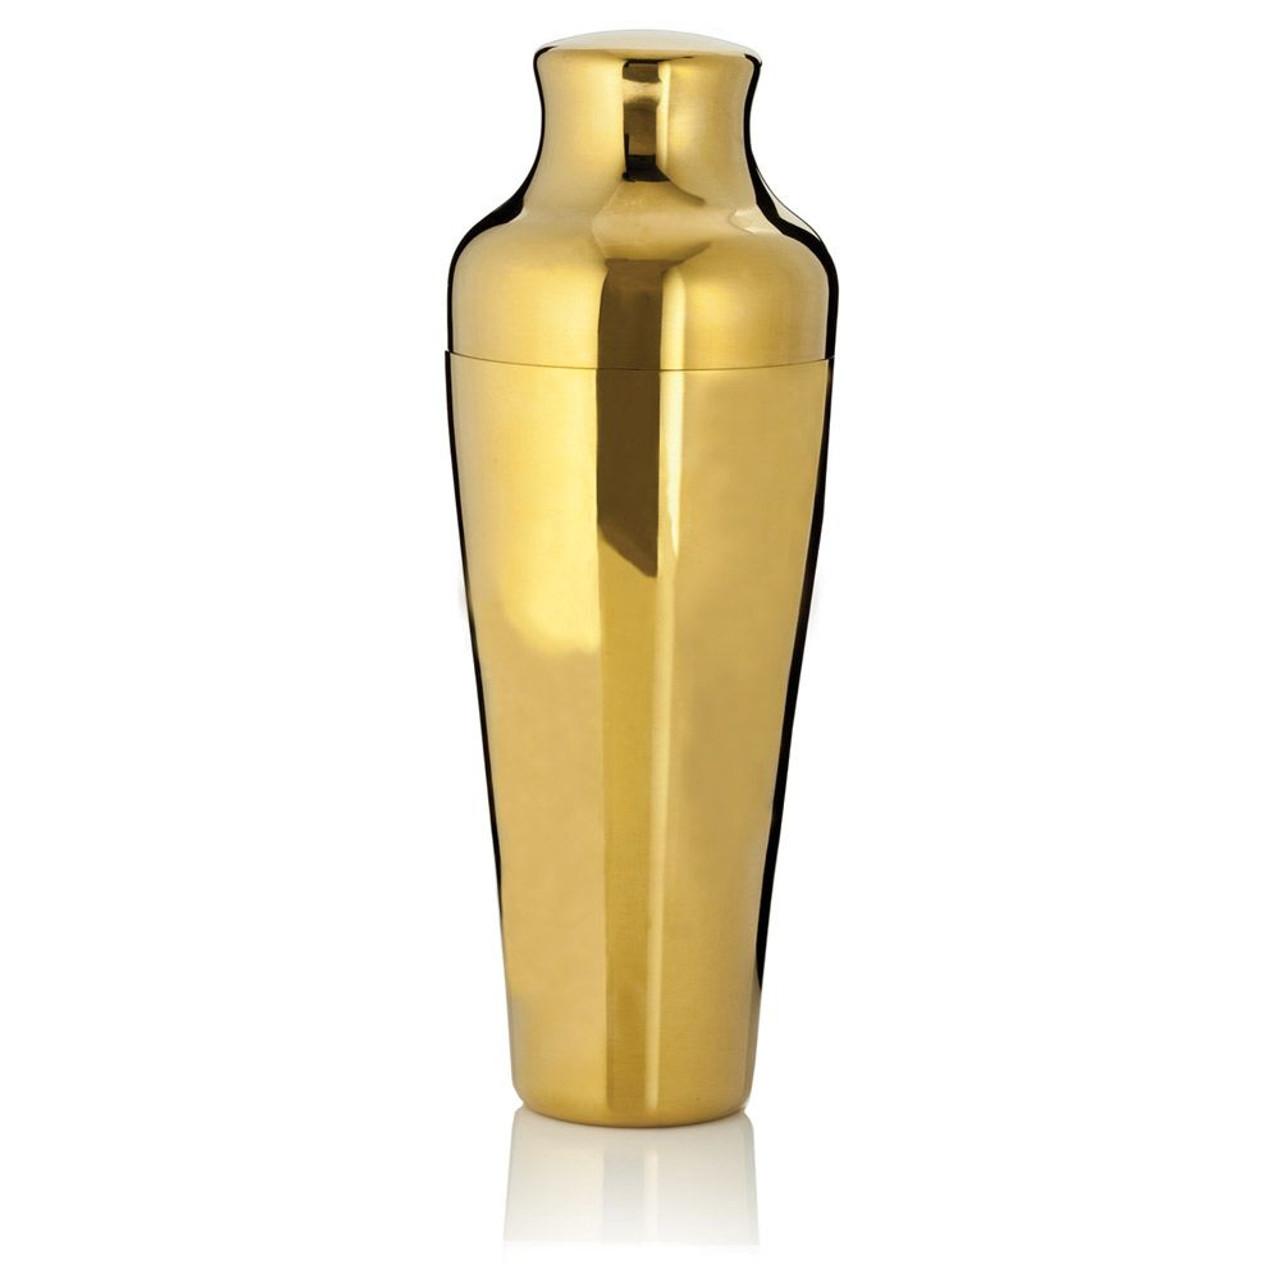 Viski Belmont Gold Colored Cocktail Shaker Stainless Steel 25 Oz,Sage And Lavender Color Scheme